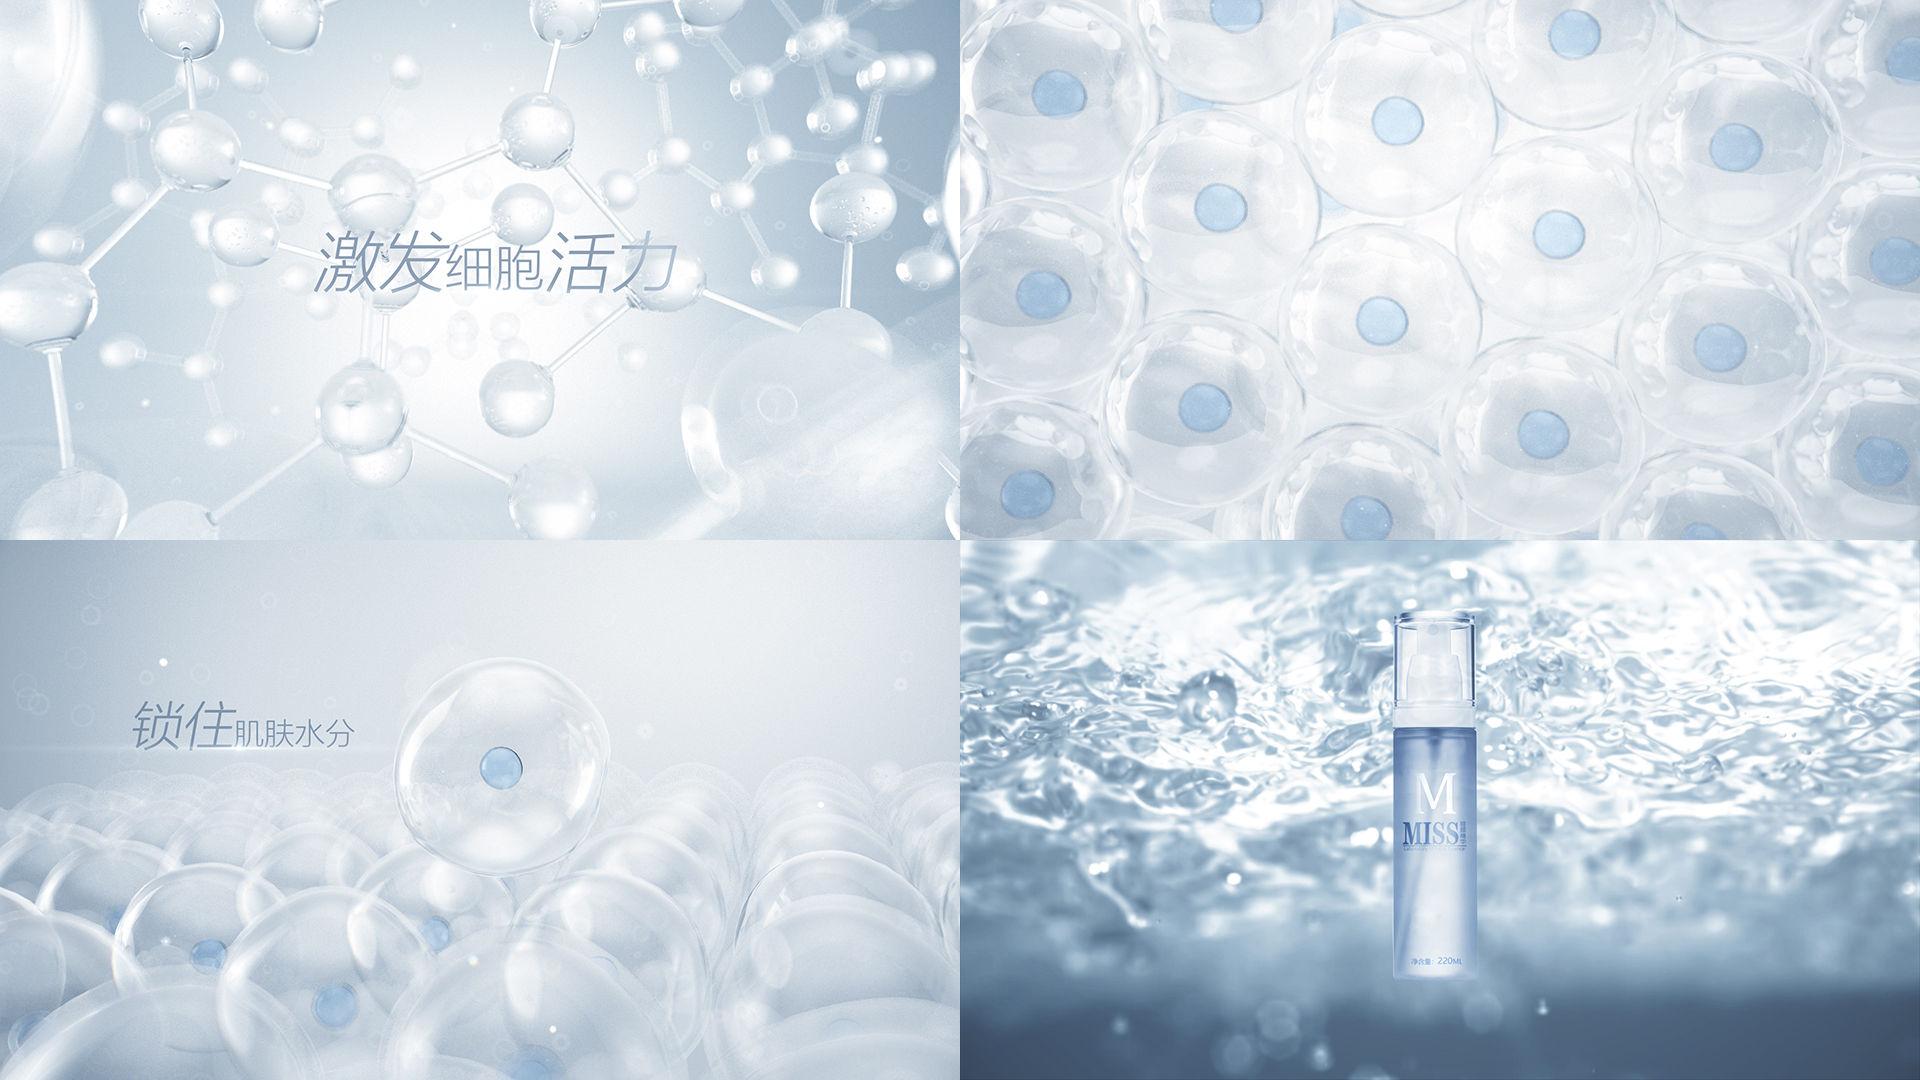 化妆品广告_AE+C4D模板